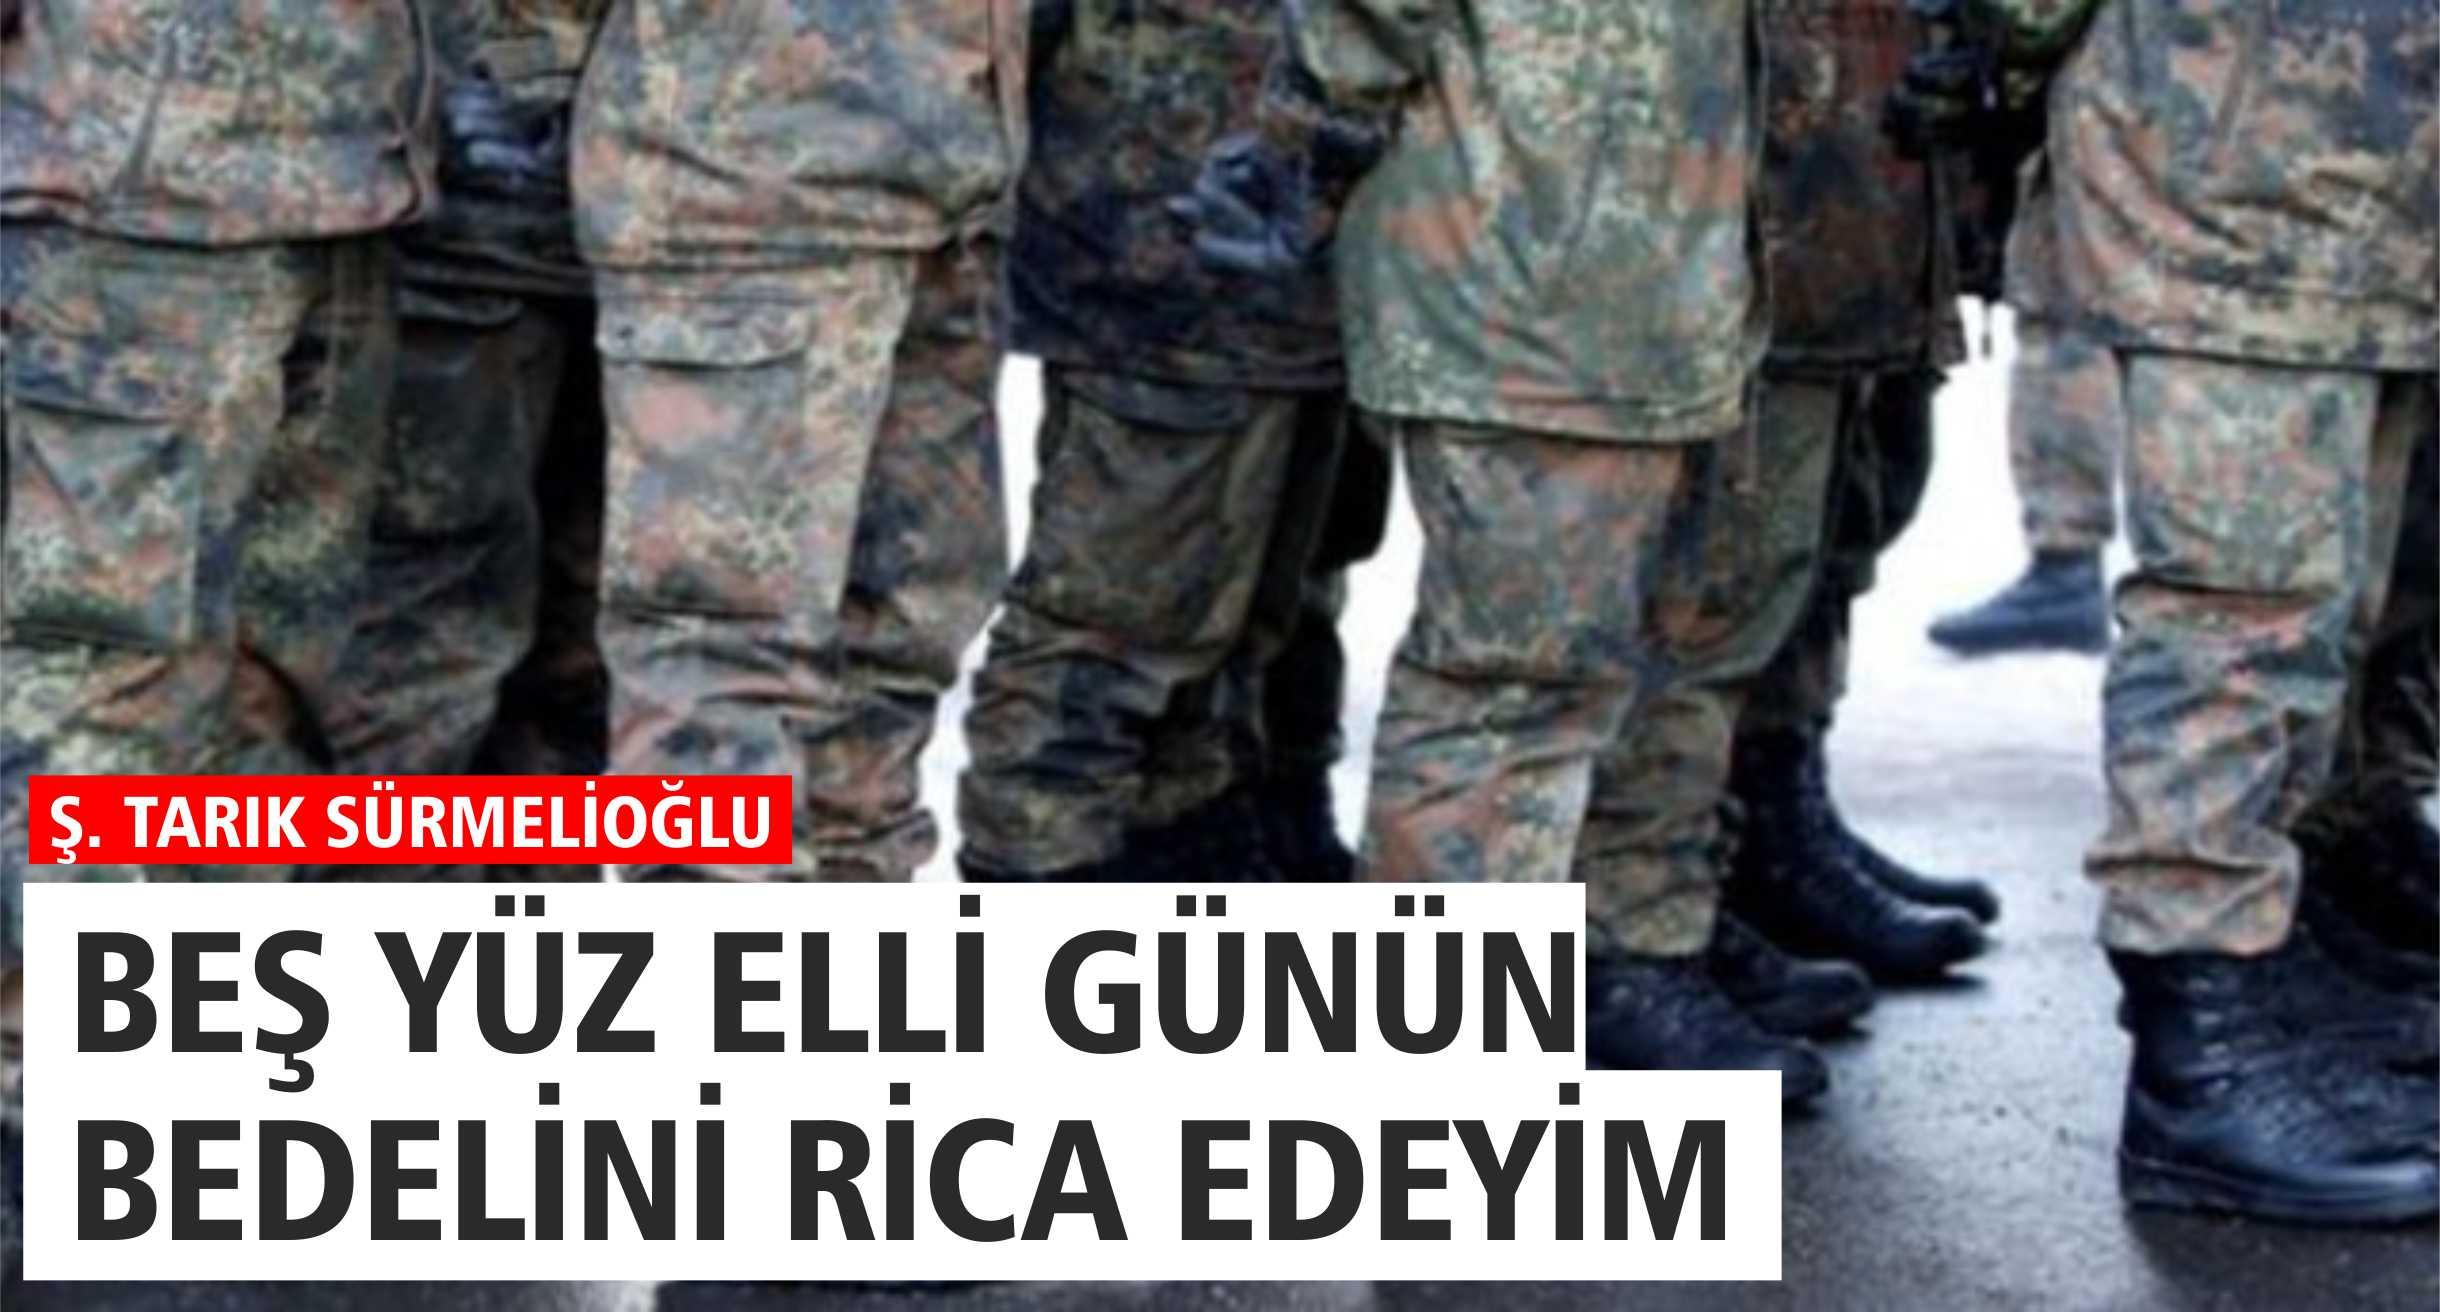 BEŞ YÜZ ELLİ GÜNÜN BEDELİNİ RİCA EDEYİM!..